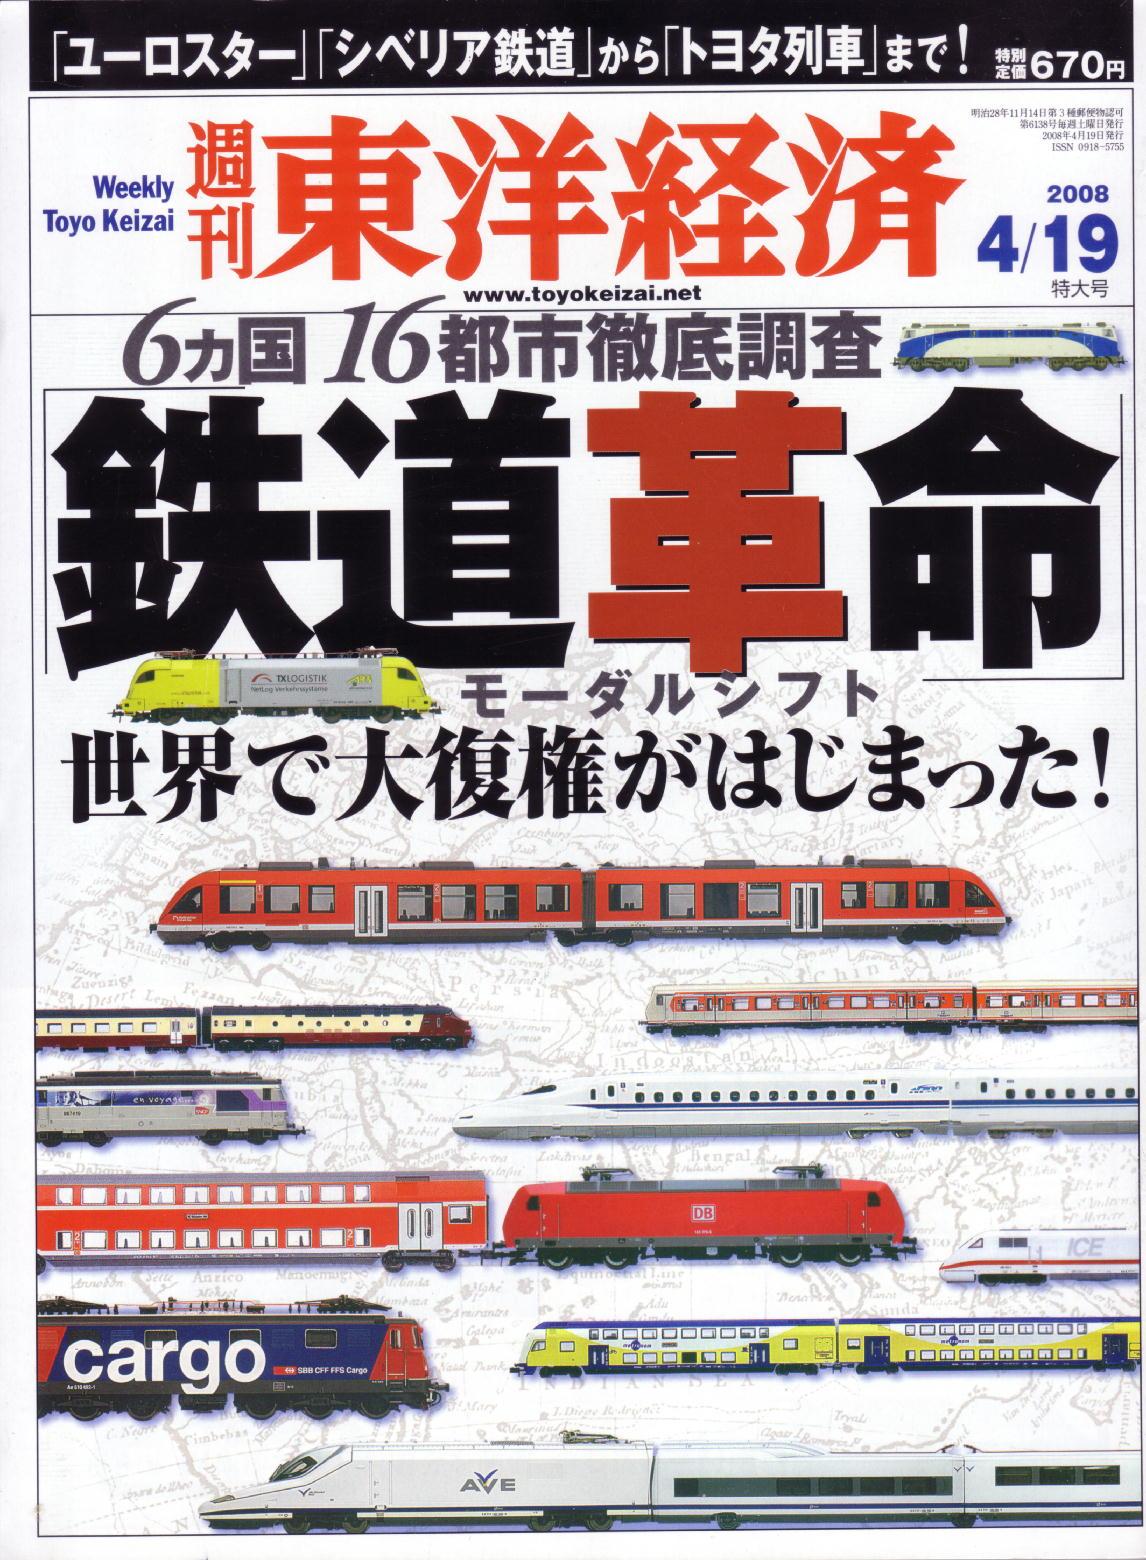 『週刊東洋経済』鉄道特集号 : しらちゃん日記